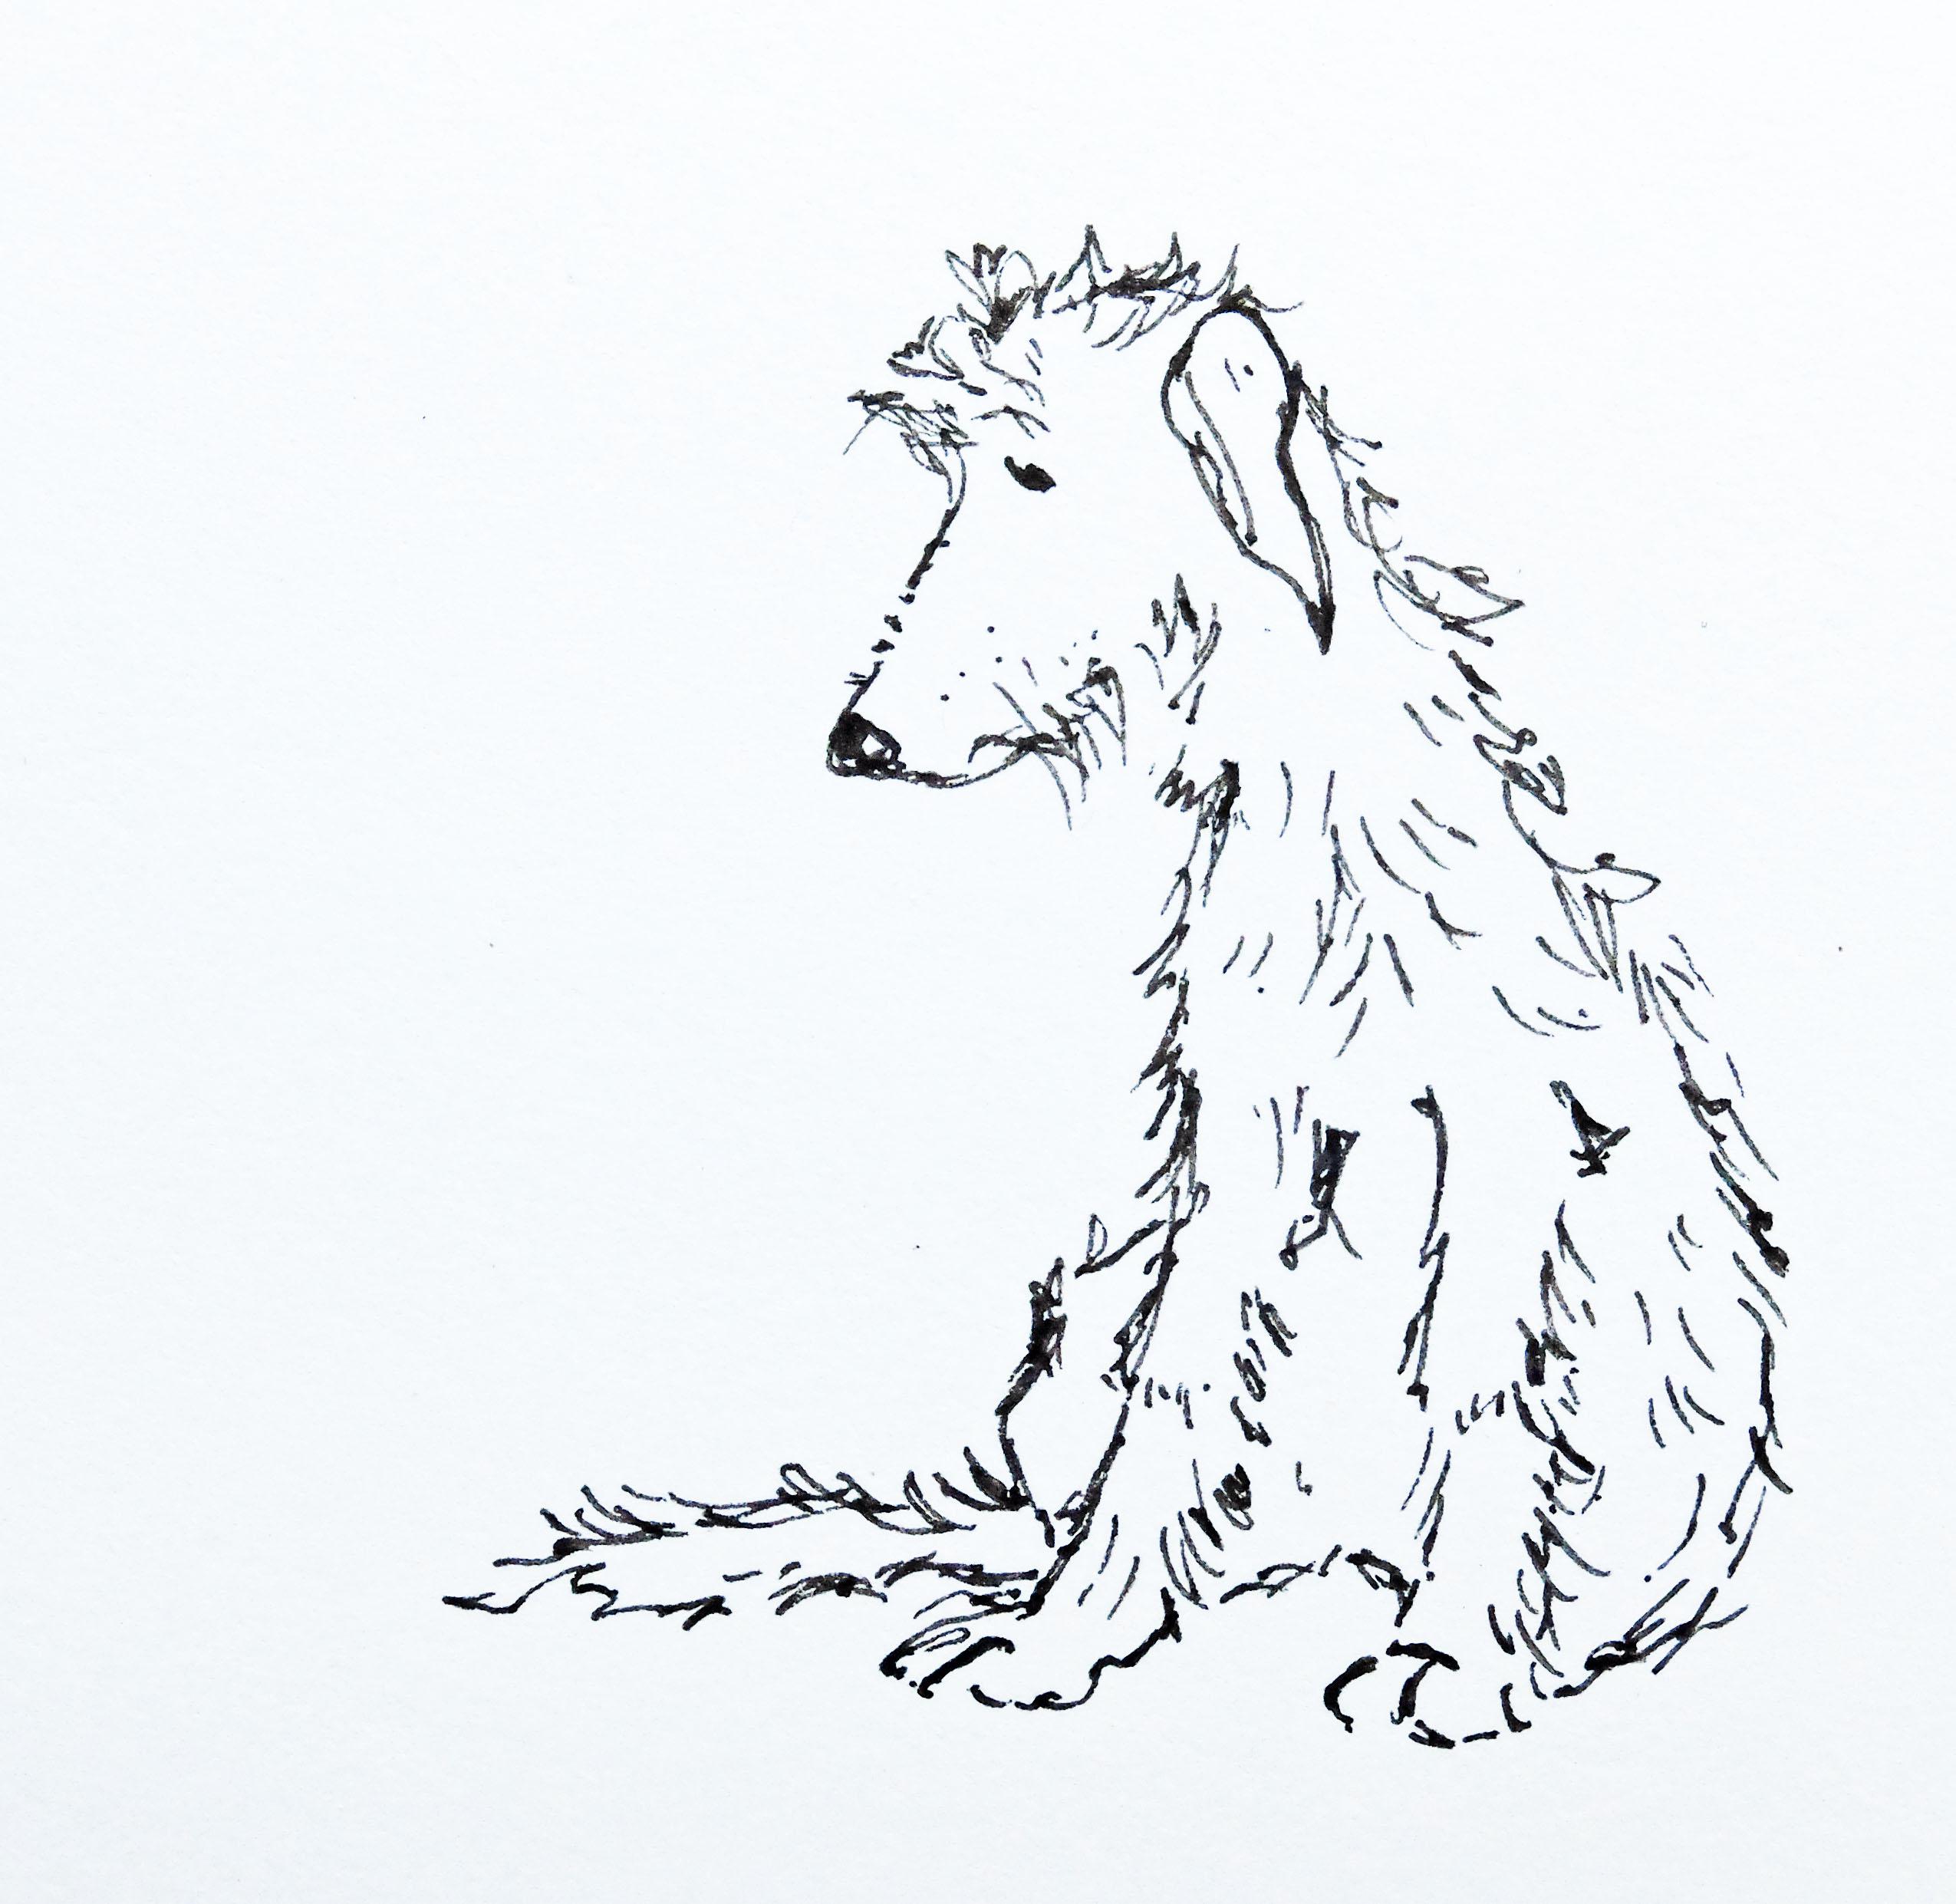 Simple Fern Drawing At Getdrawings